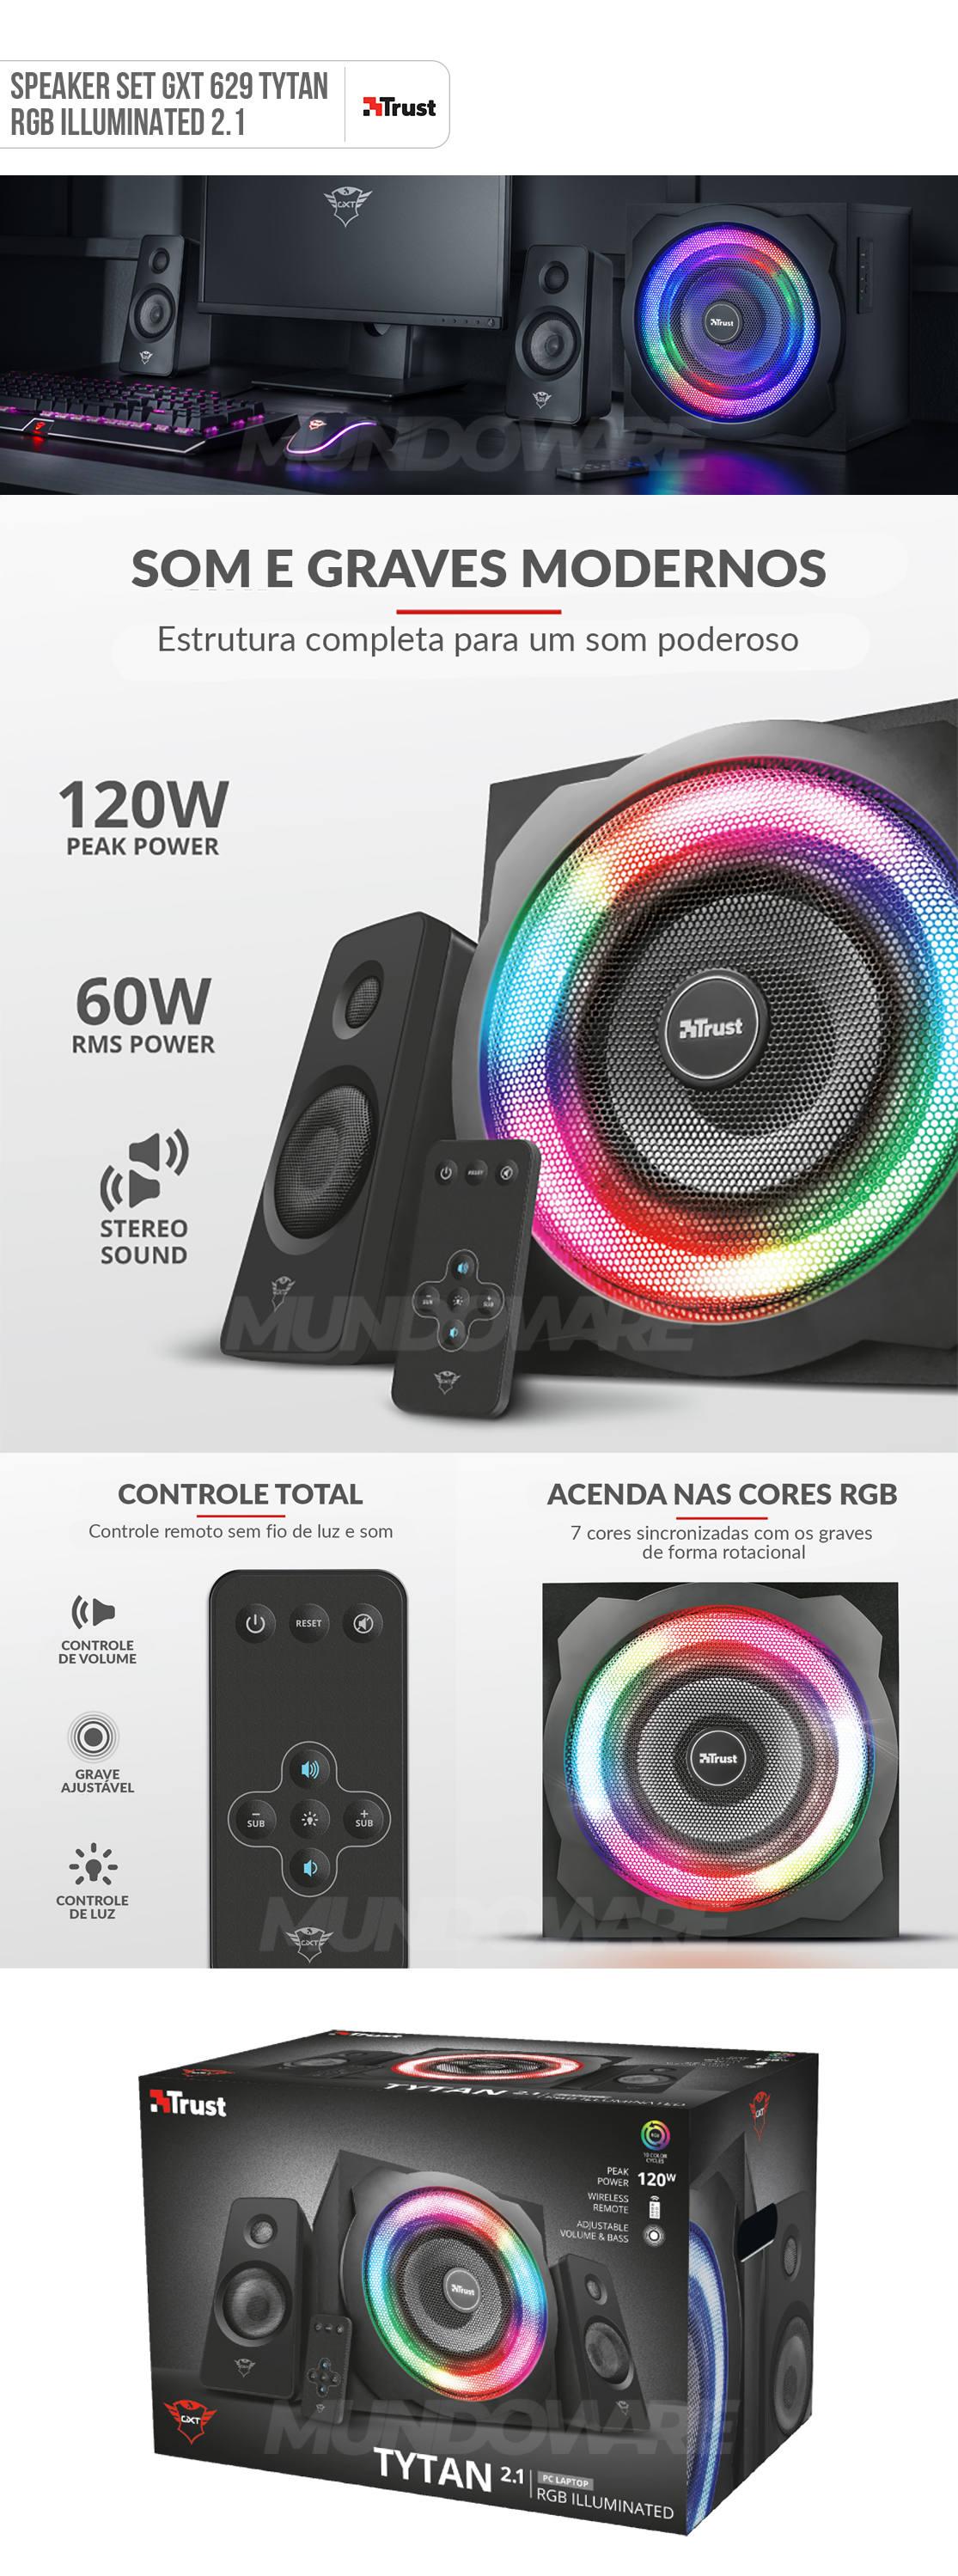 Speaker Set GXT 629 Tytan RGB com Controle Remoto Iluminação RGB Pulsante Caixa de Som 2.1 Intensa e Potente